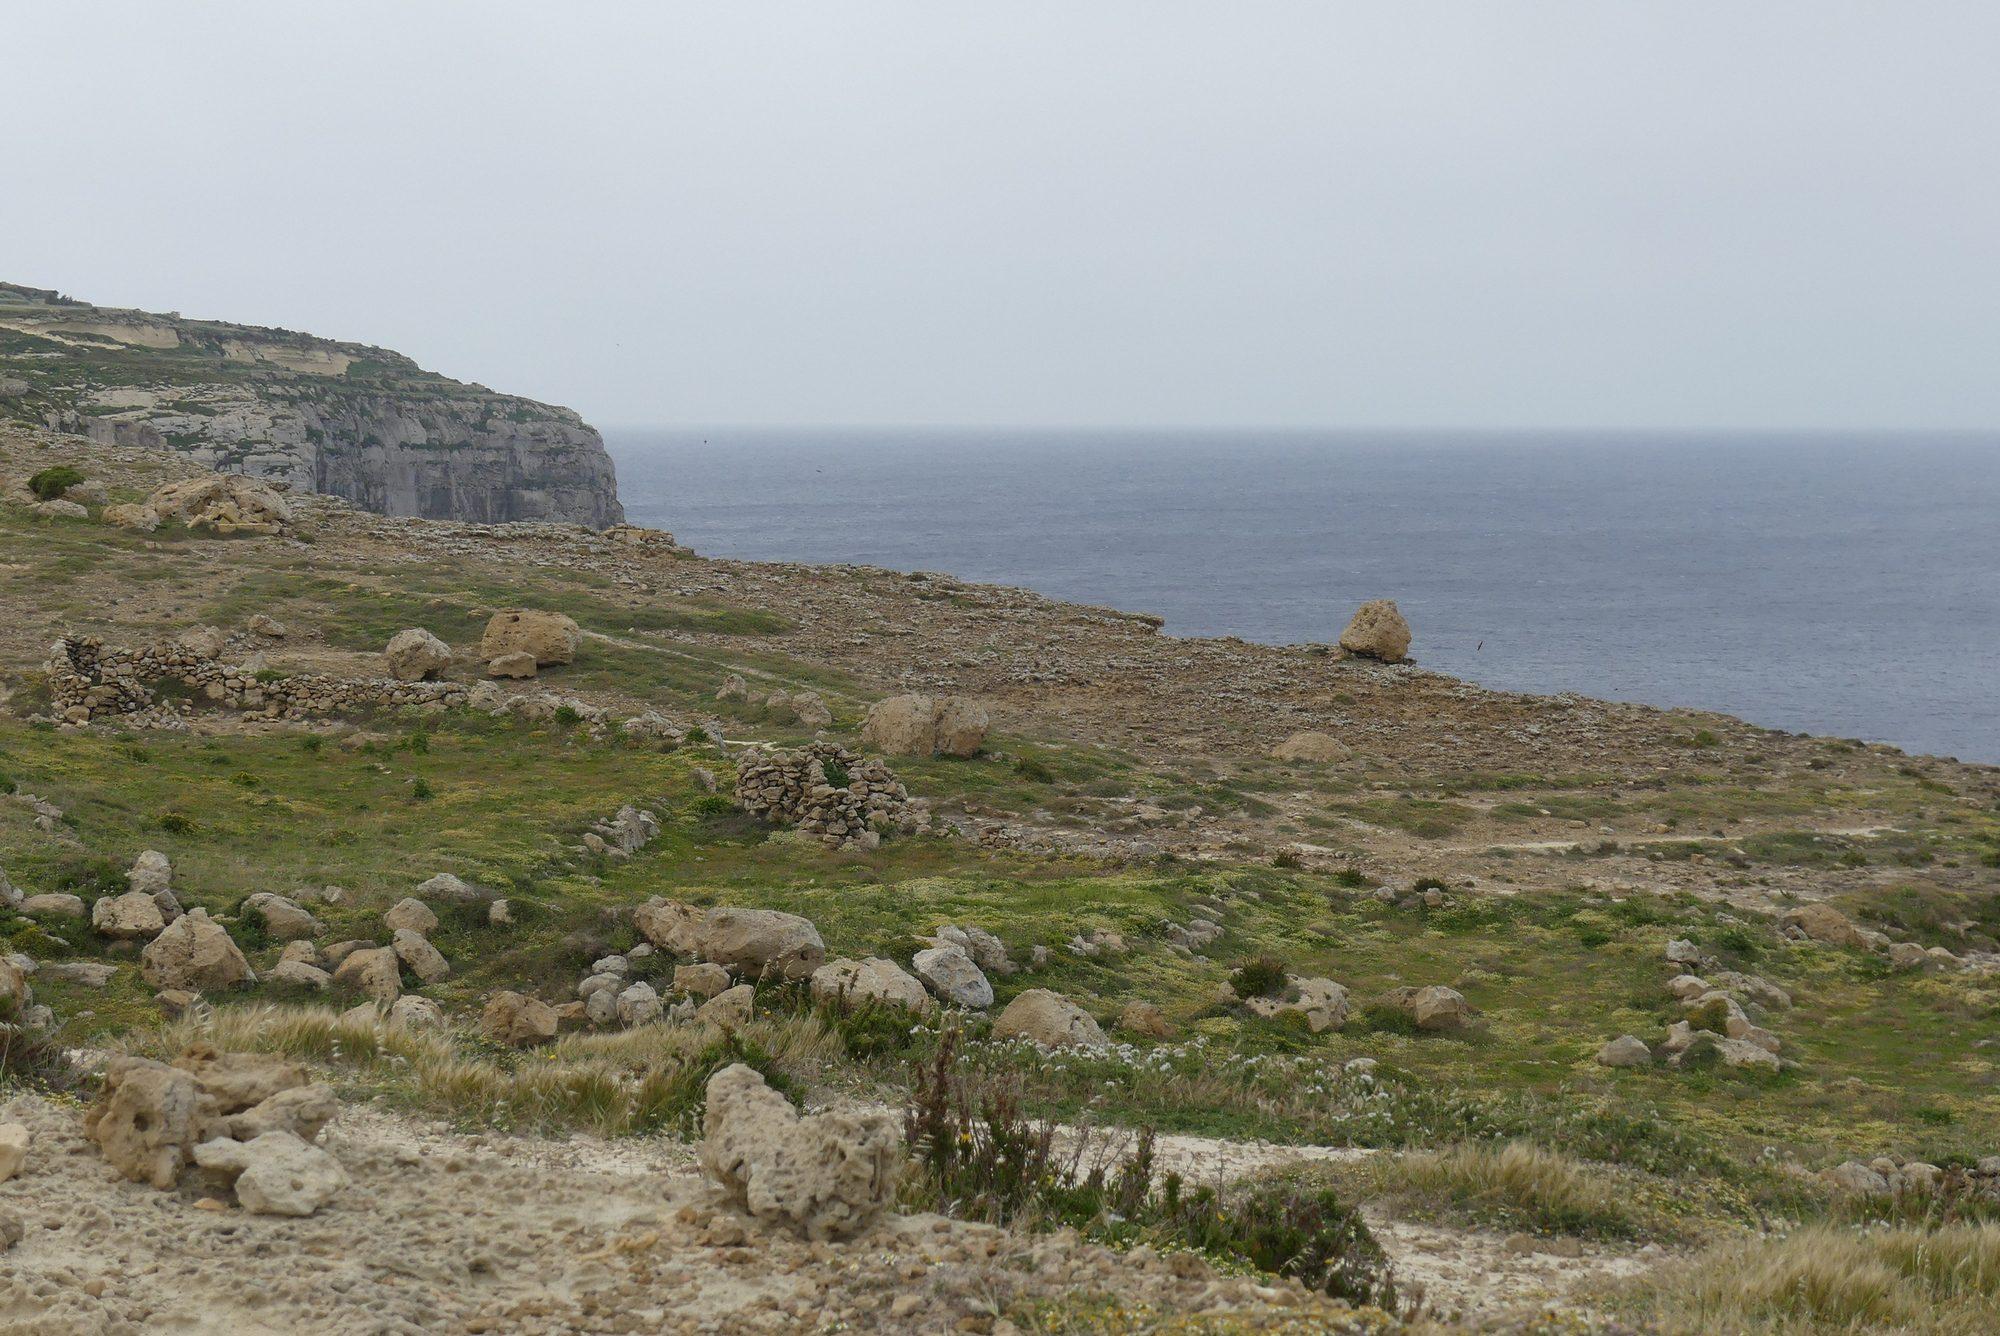 Spaziergang an der Küste von Gozo Malta